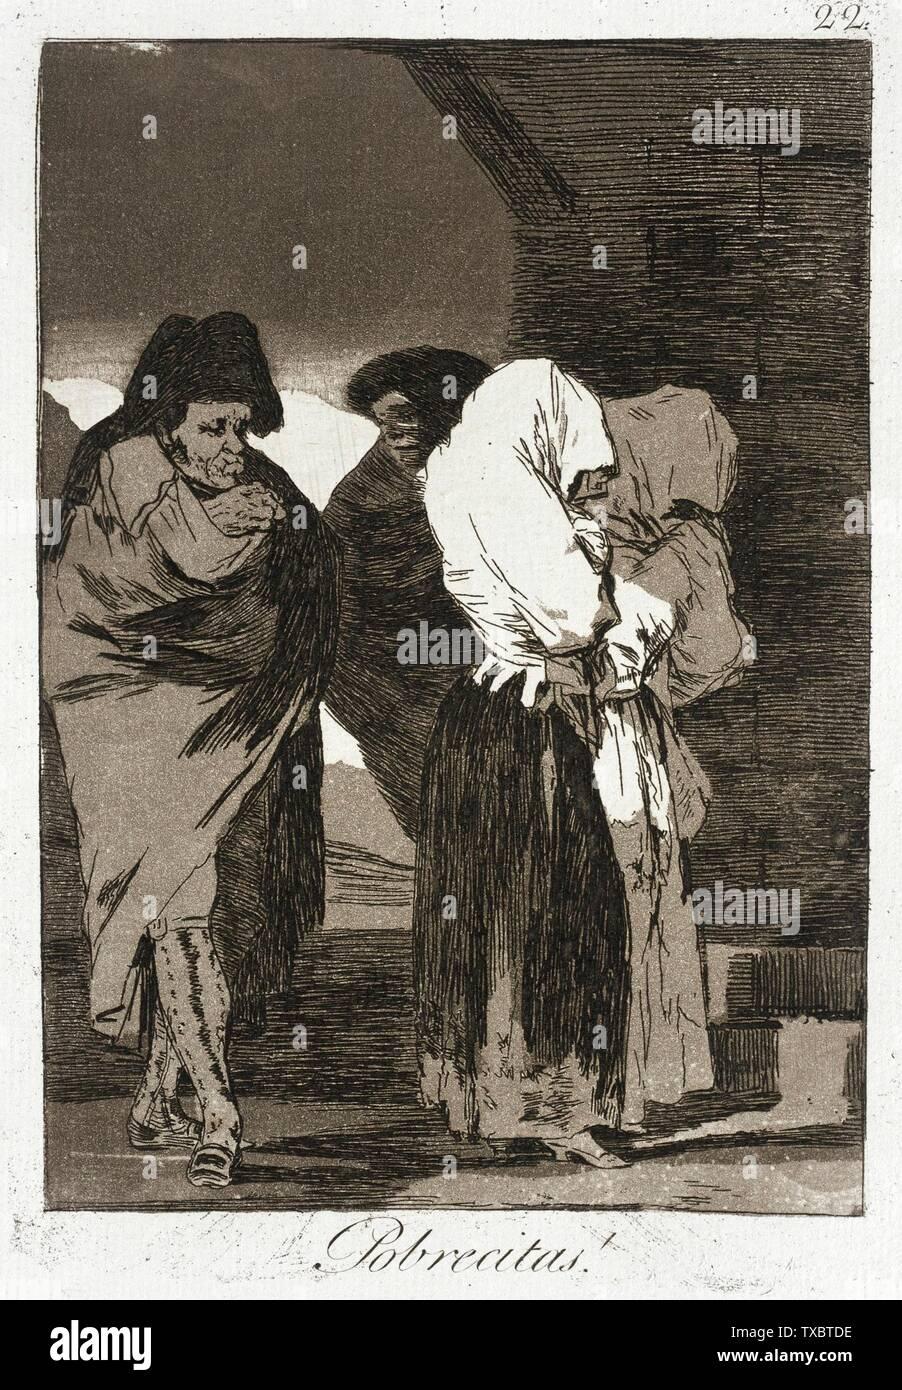 """""""Poor Little cosas!; en inglés: España, 1799 título alternativo: ¡Pobrecitas! Cartera: Los Caprichos, placa 22 Imprime; grabados aguafuerte y aguatinta bruñida Paul Mabury Rodman Fondo Fiduciario (63.11.22) grabados y dibujos; QS 1799Fecha:P571,+1799-00-00T00:00:00Z/9; ' Imagen De Stock"""